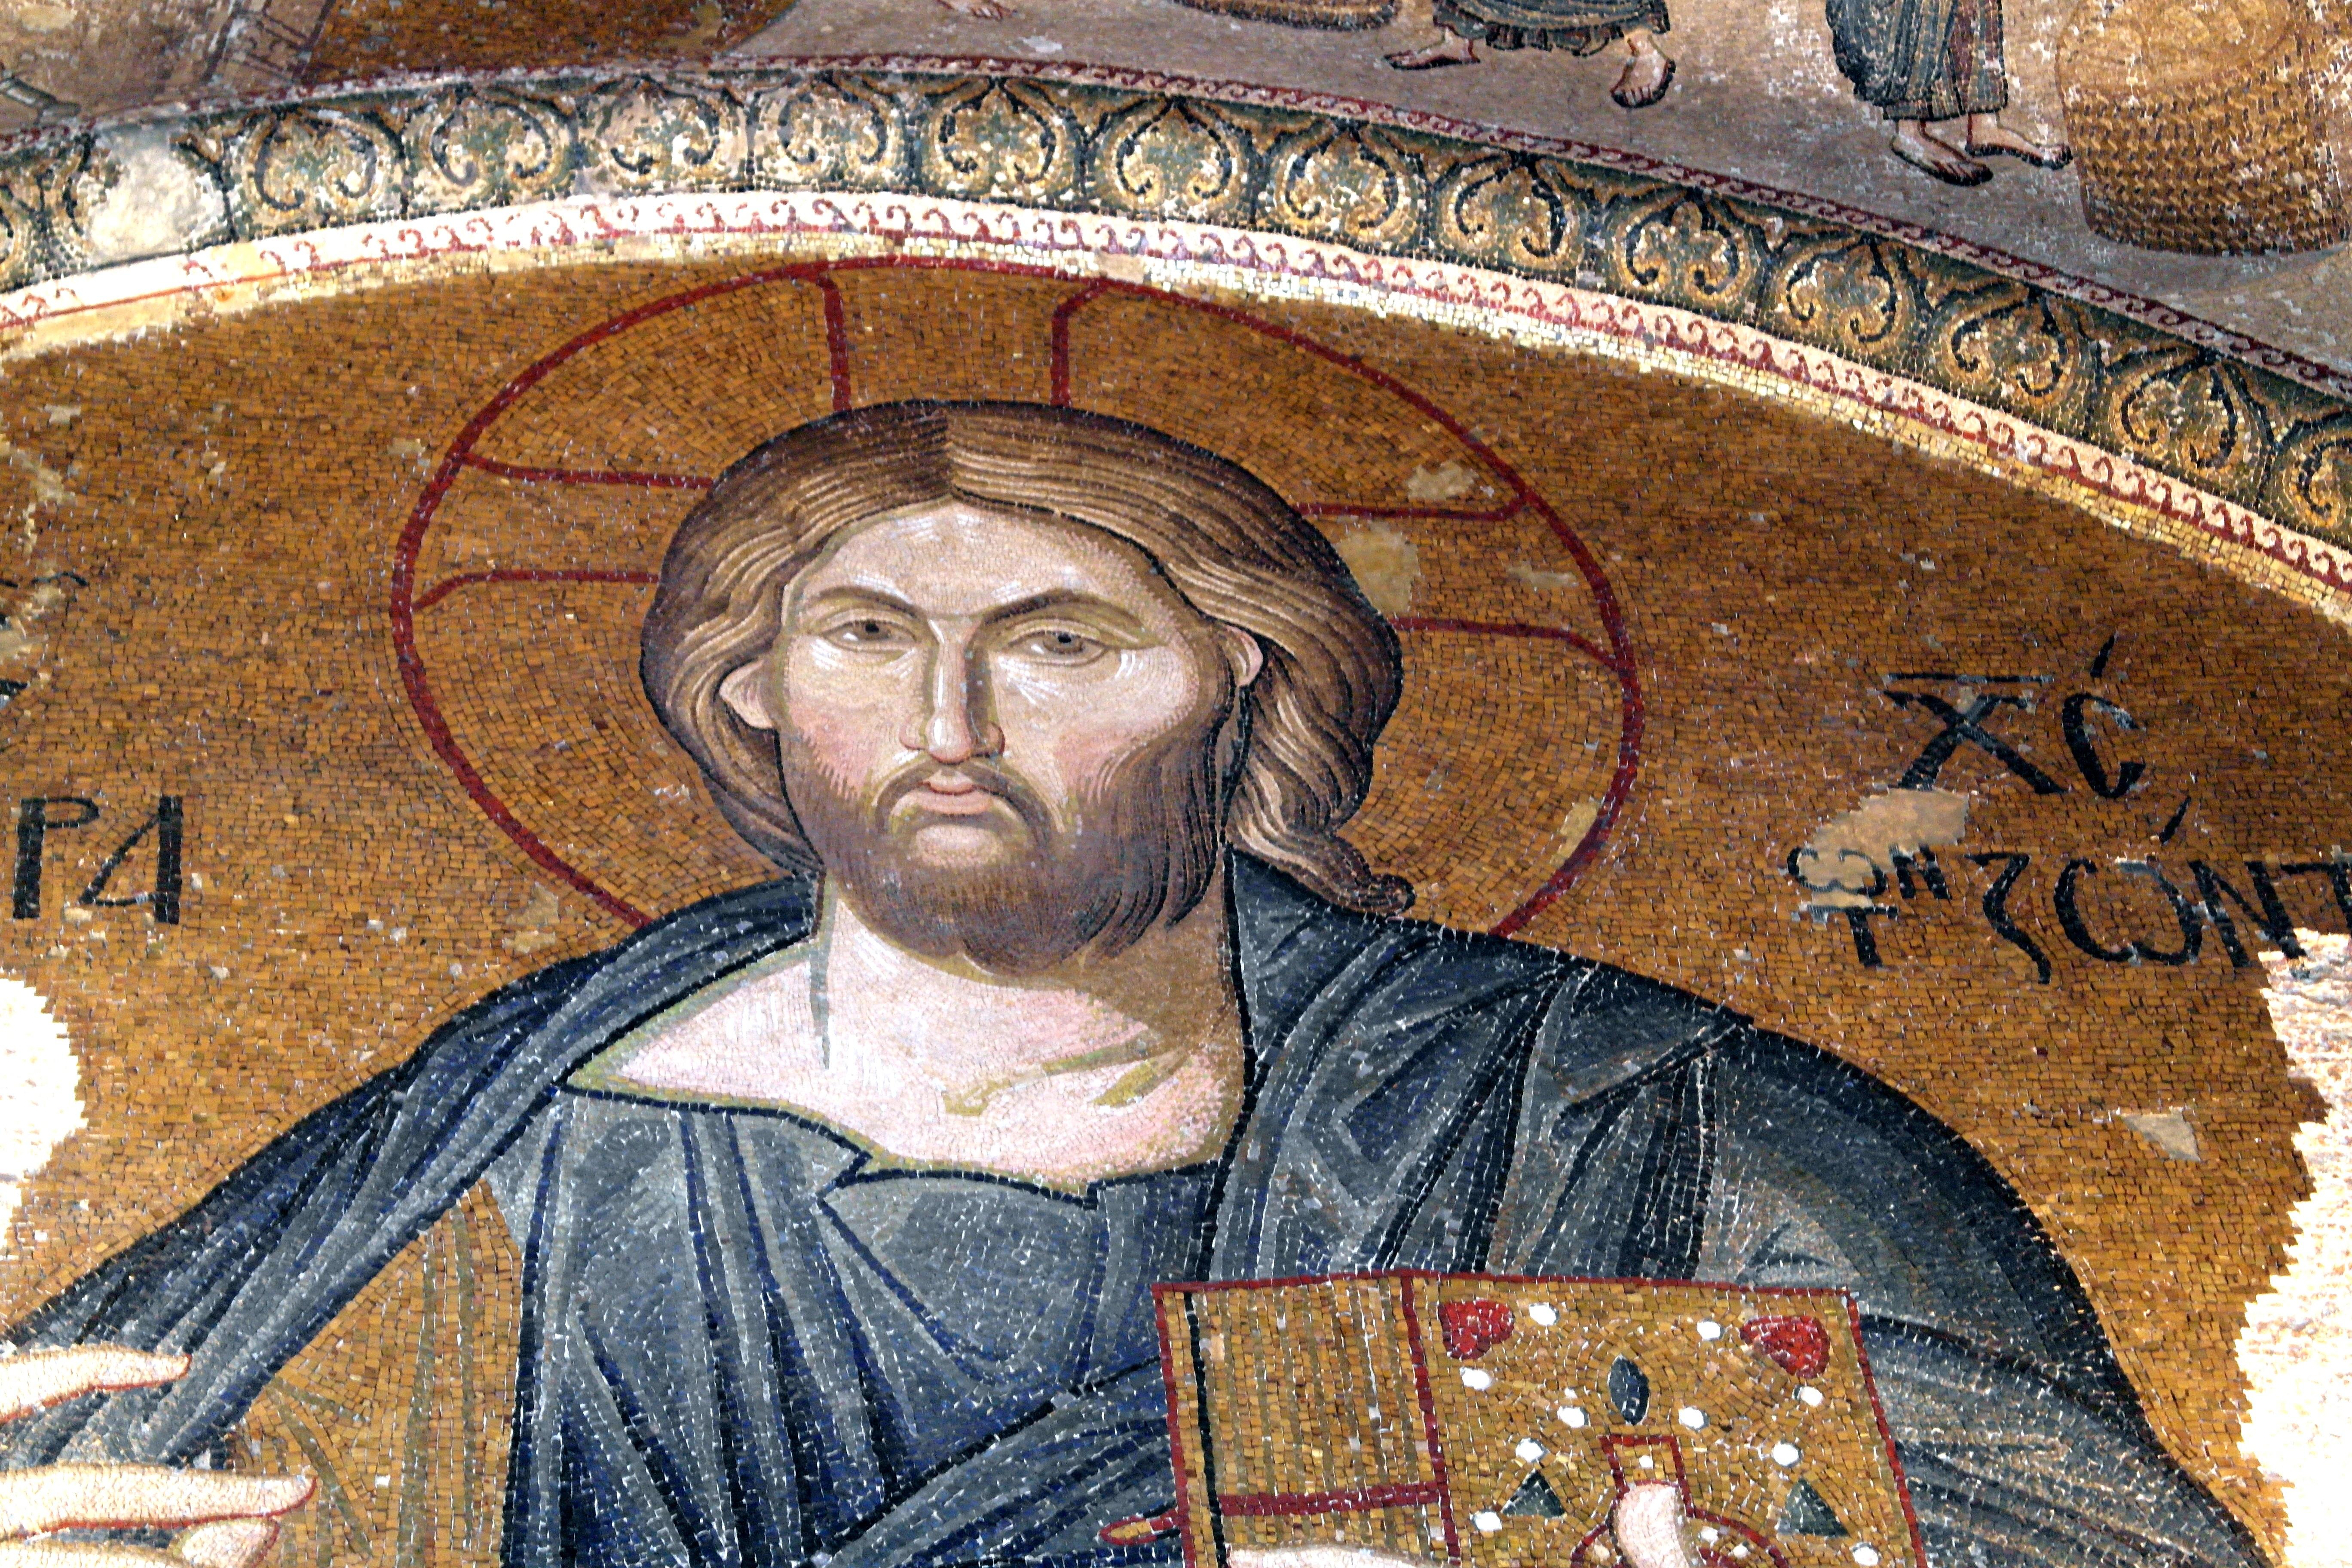 Иисус Христос Хора тон Зонтон. Мозаика монастыря Хора в Константинополе. 1315 - 1321 годы. Фрагмент.